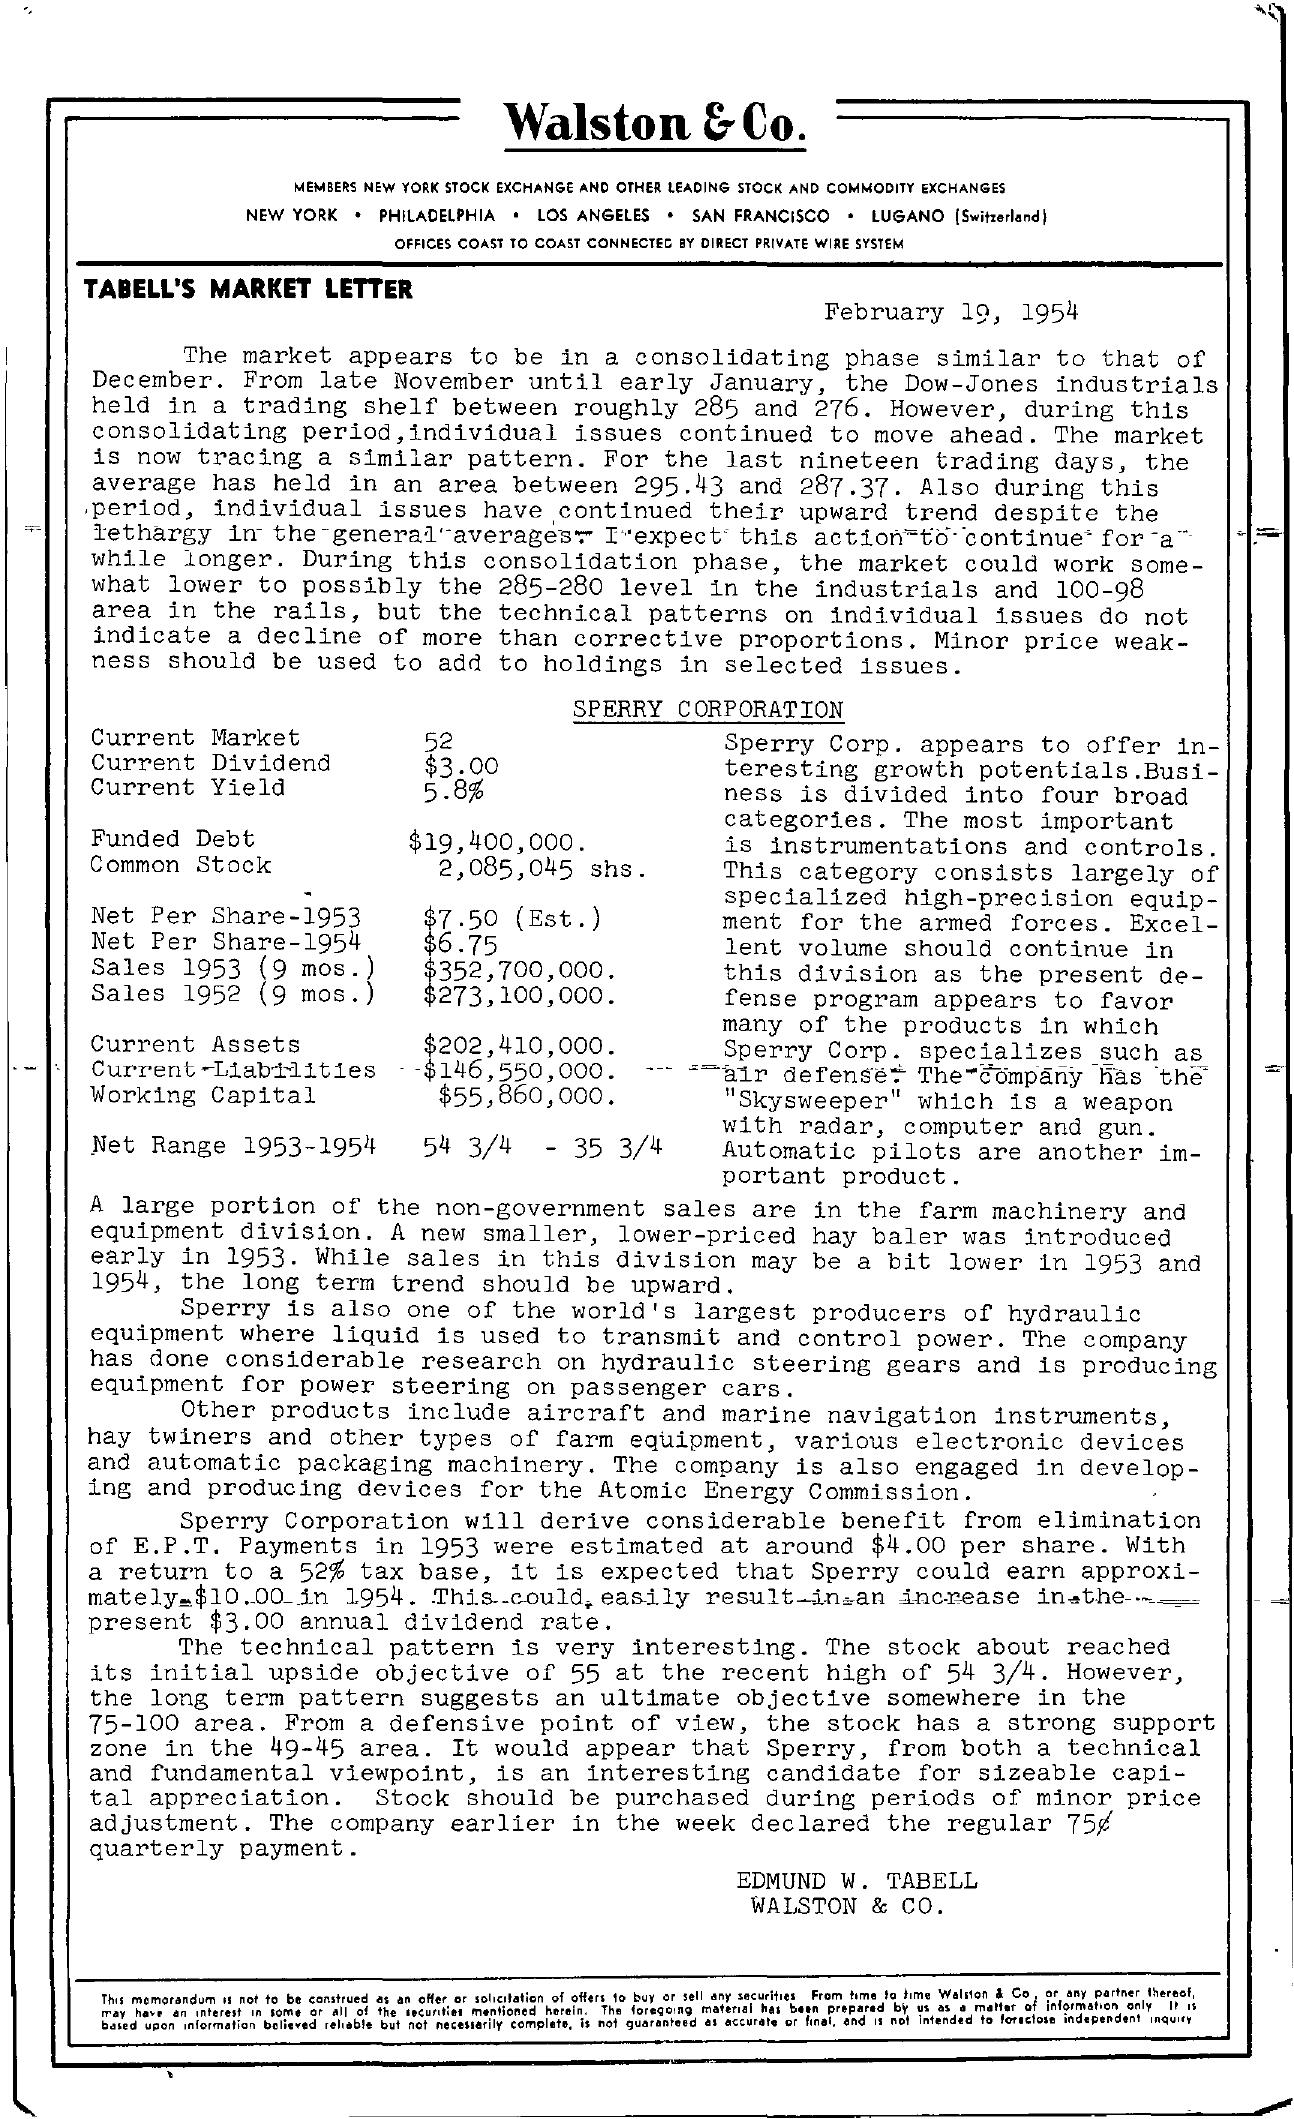 Tabell's Market Letter - February 19, 1954